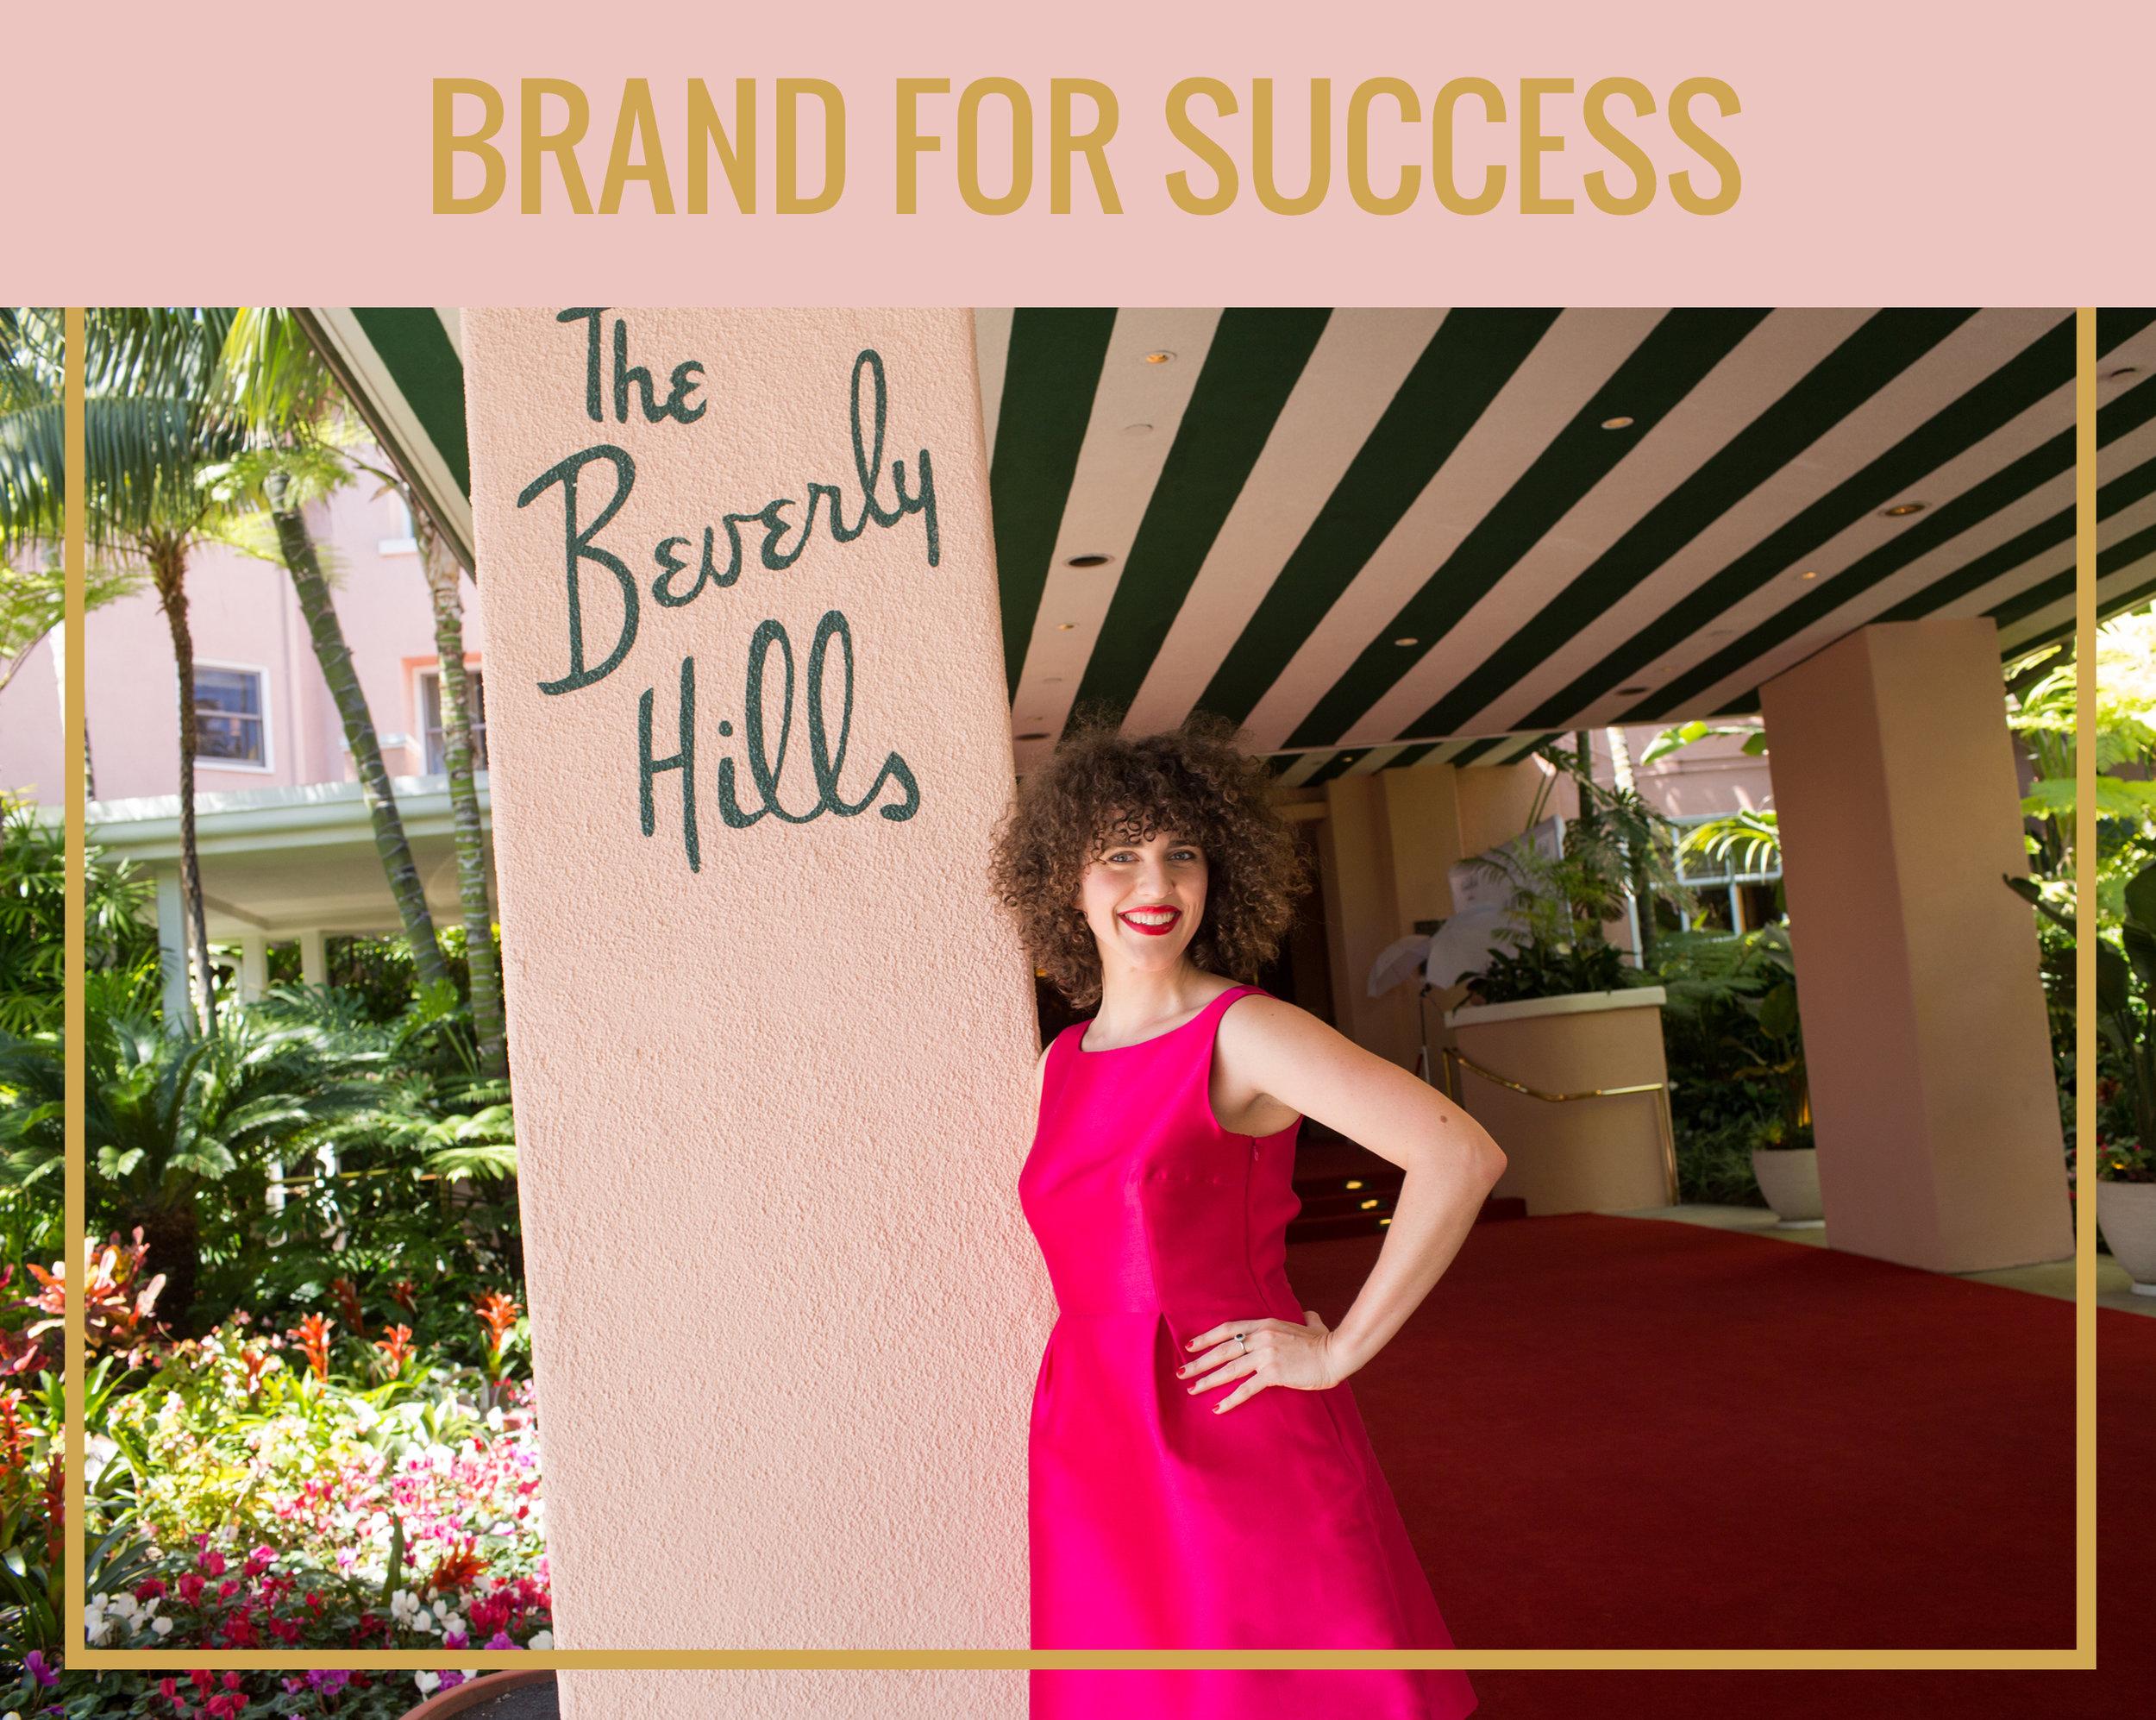 BRAND-FOR-SUCCESS (1).jpg